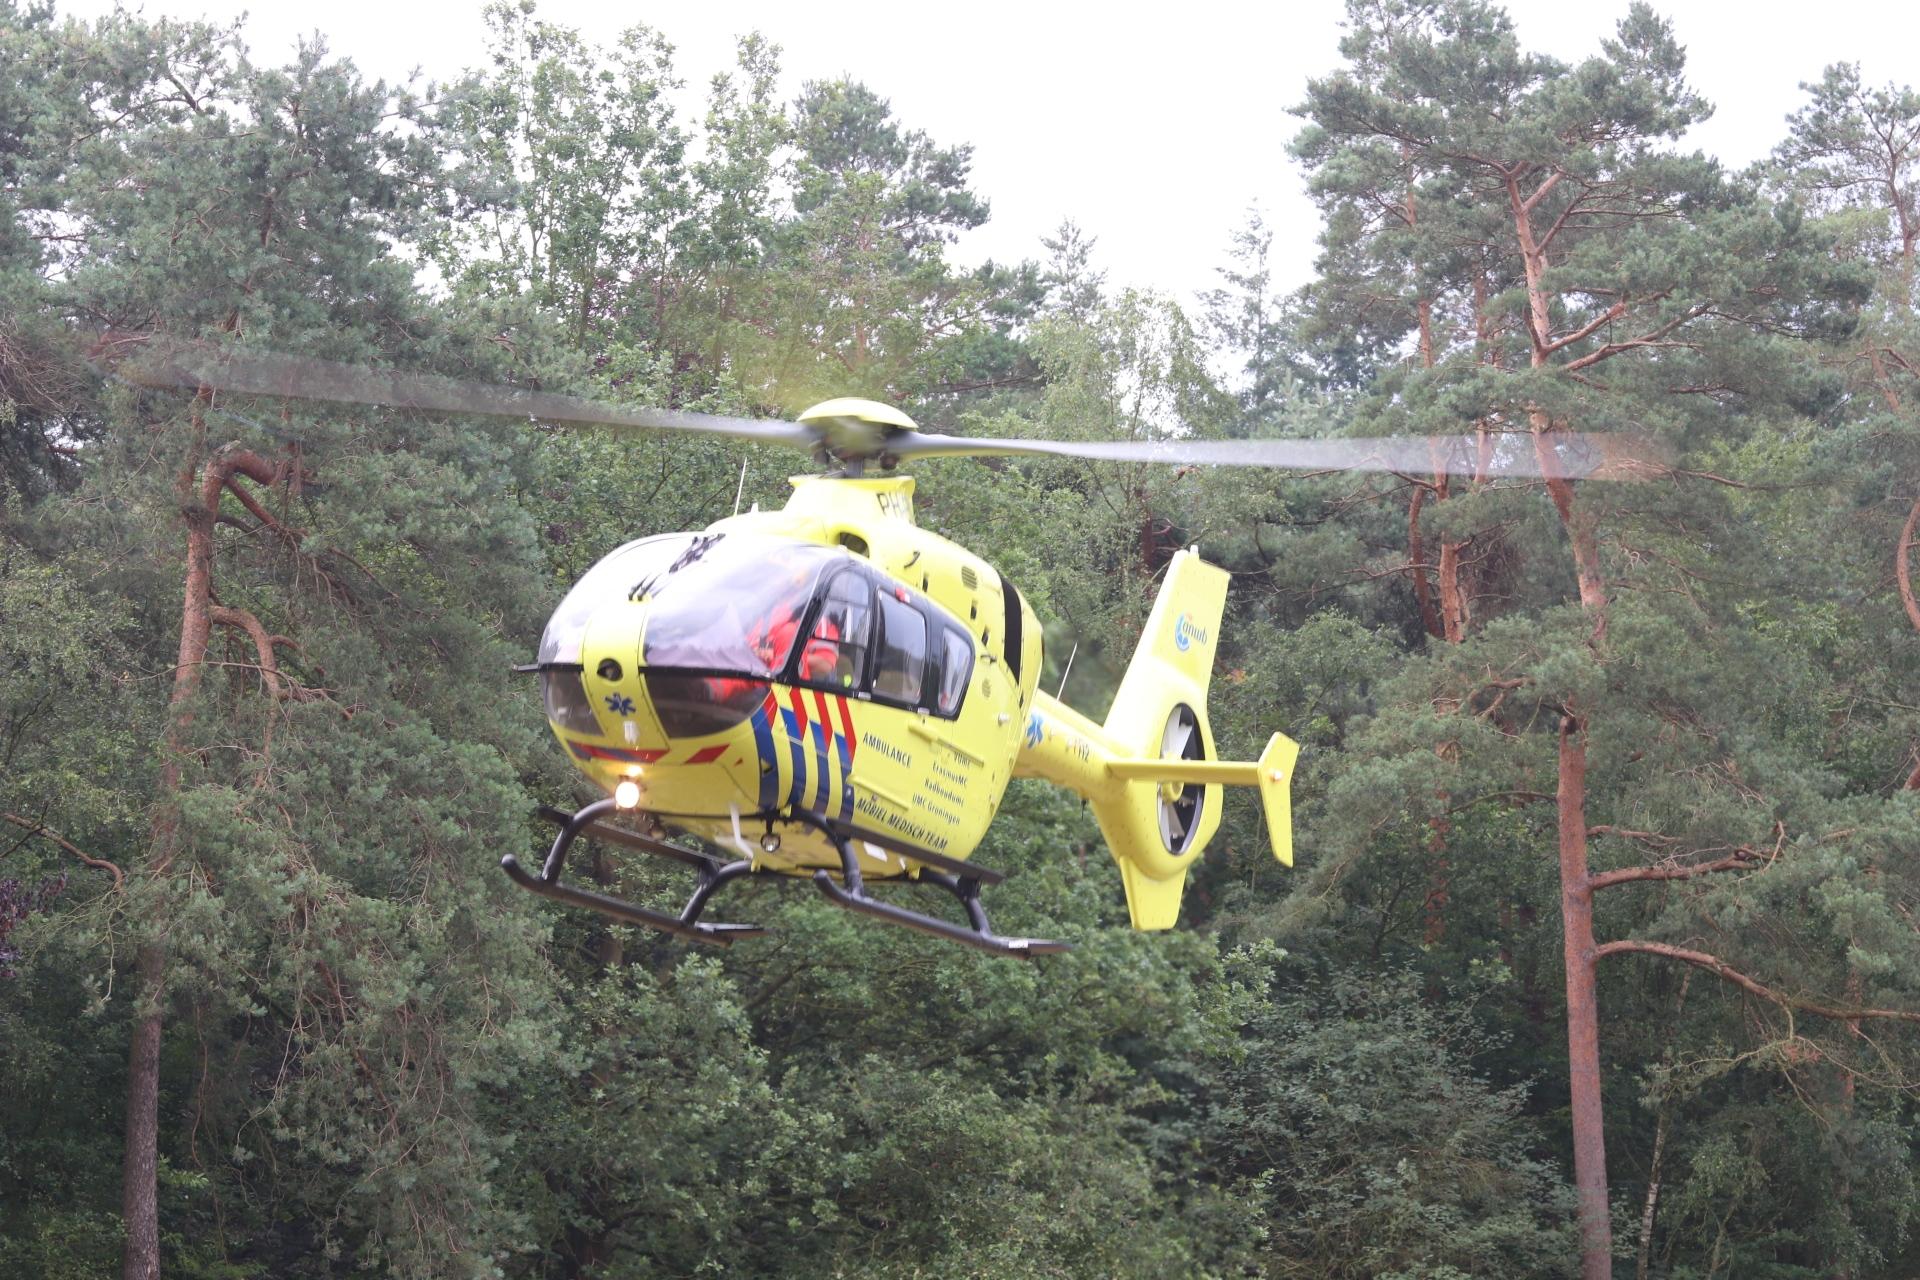 Traumahelikopter landt voor incident op het Kasteel in Apeldoorn